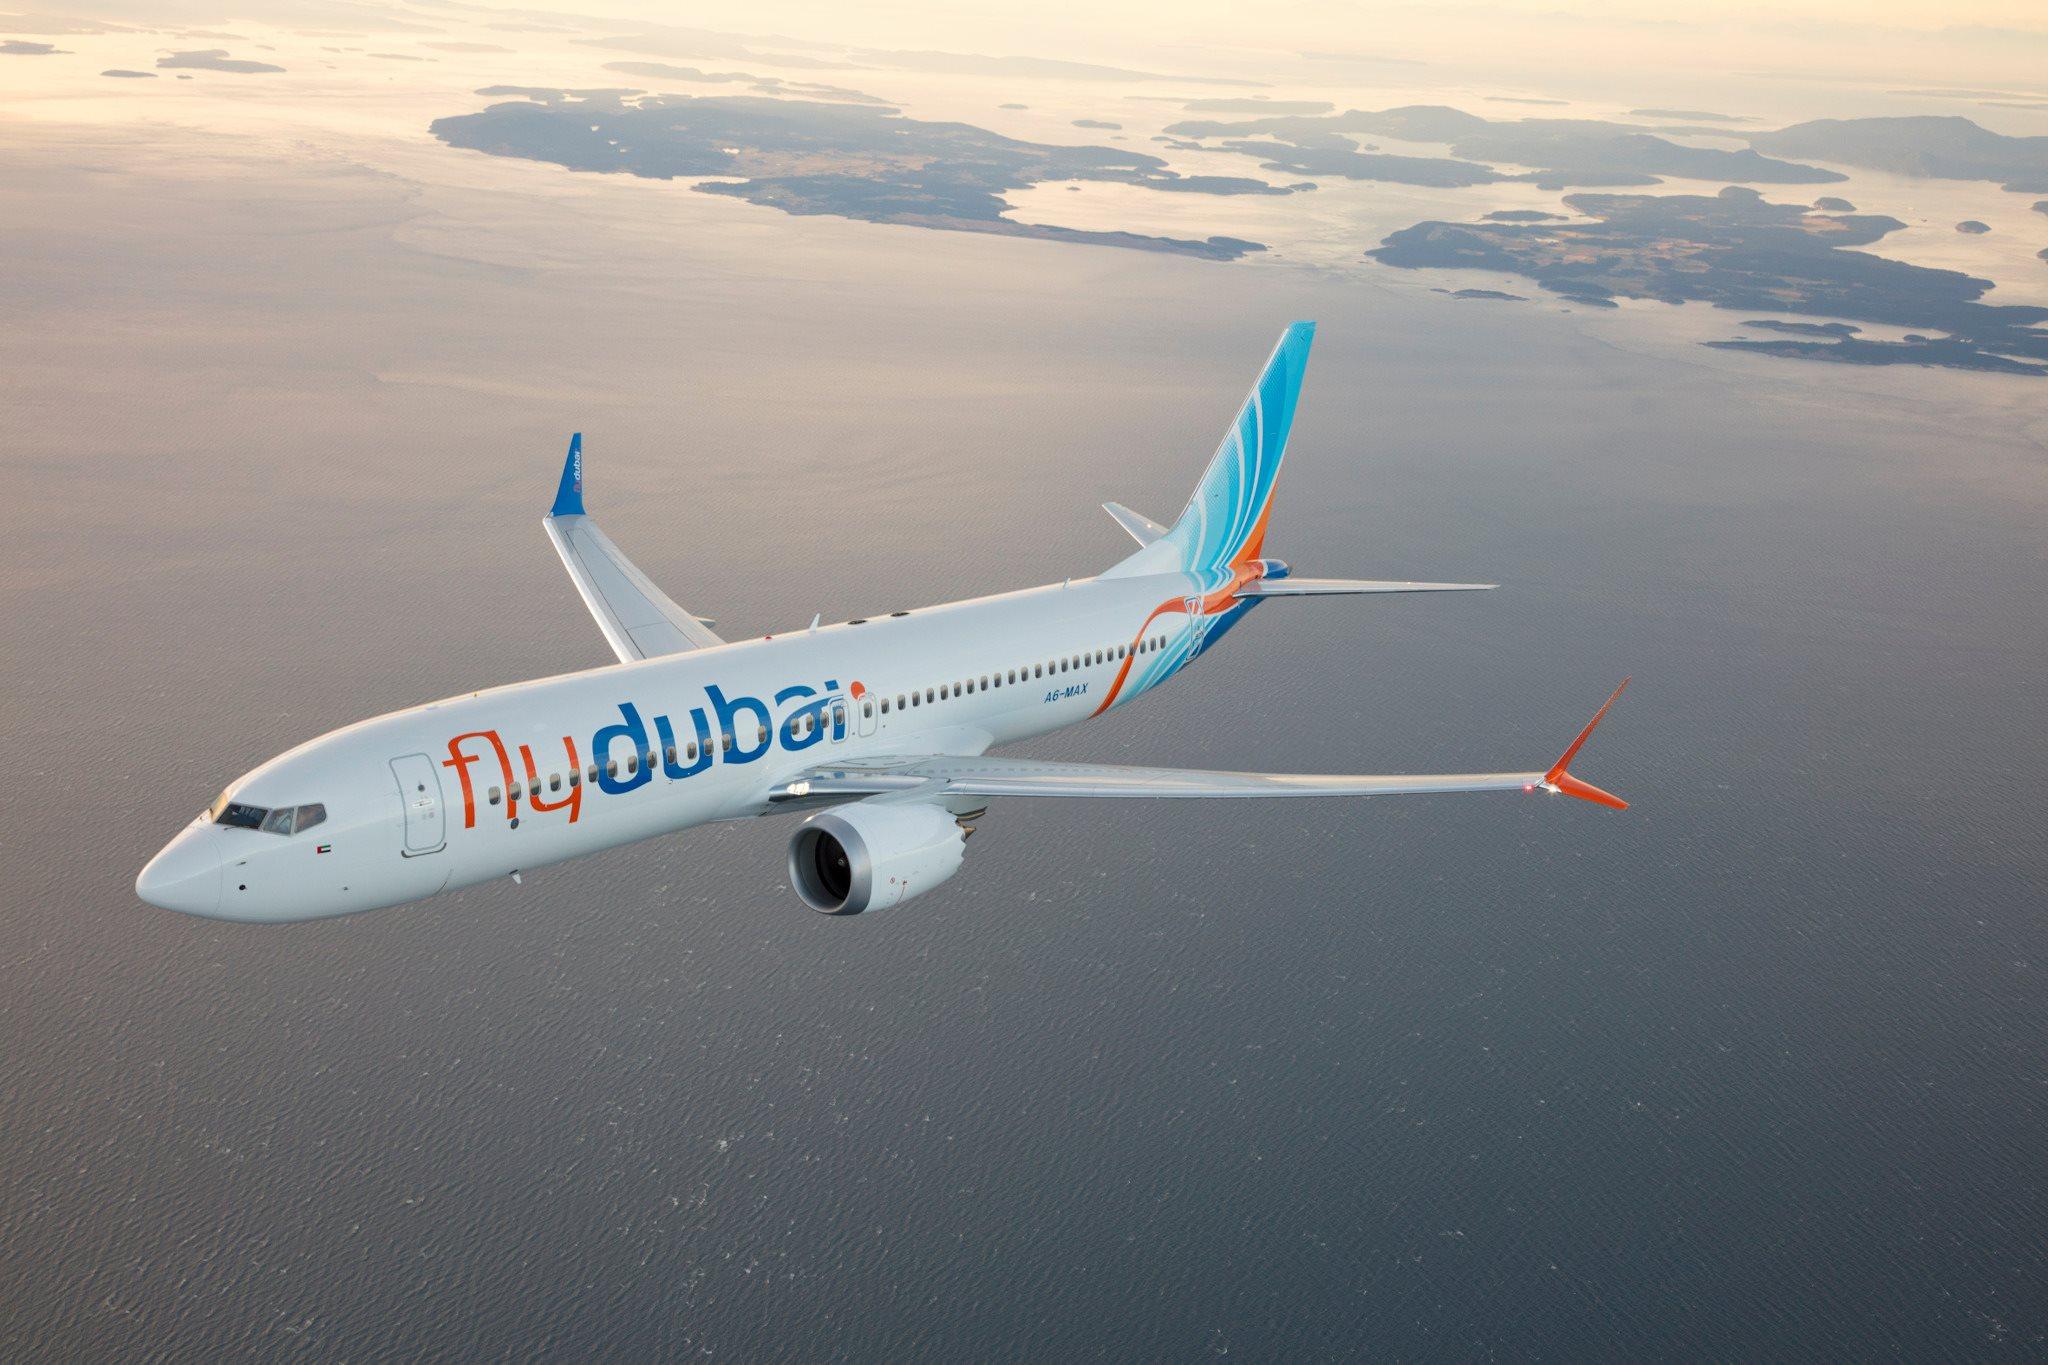 В Казахстане намерены запустить прямой рейс Шымкент – Дубай